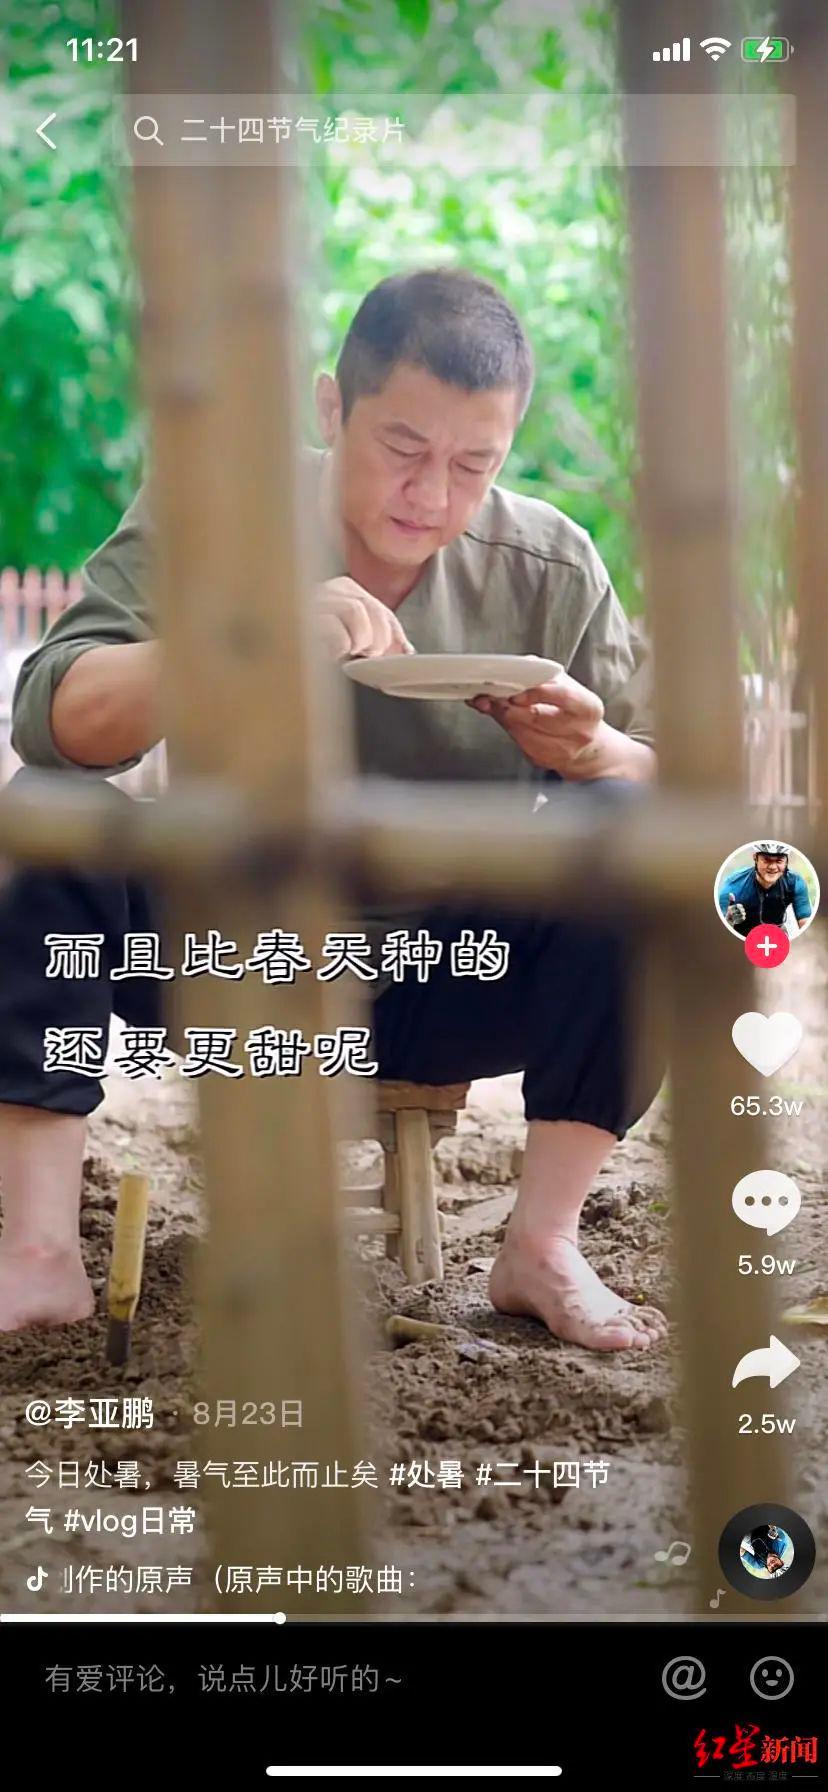 李亚鹏在短视频中种起了萝卜 图据抖音视频截图